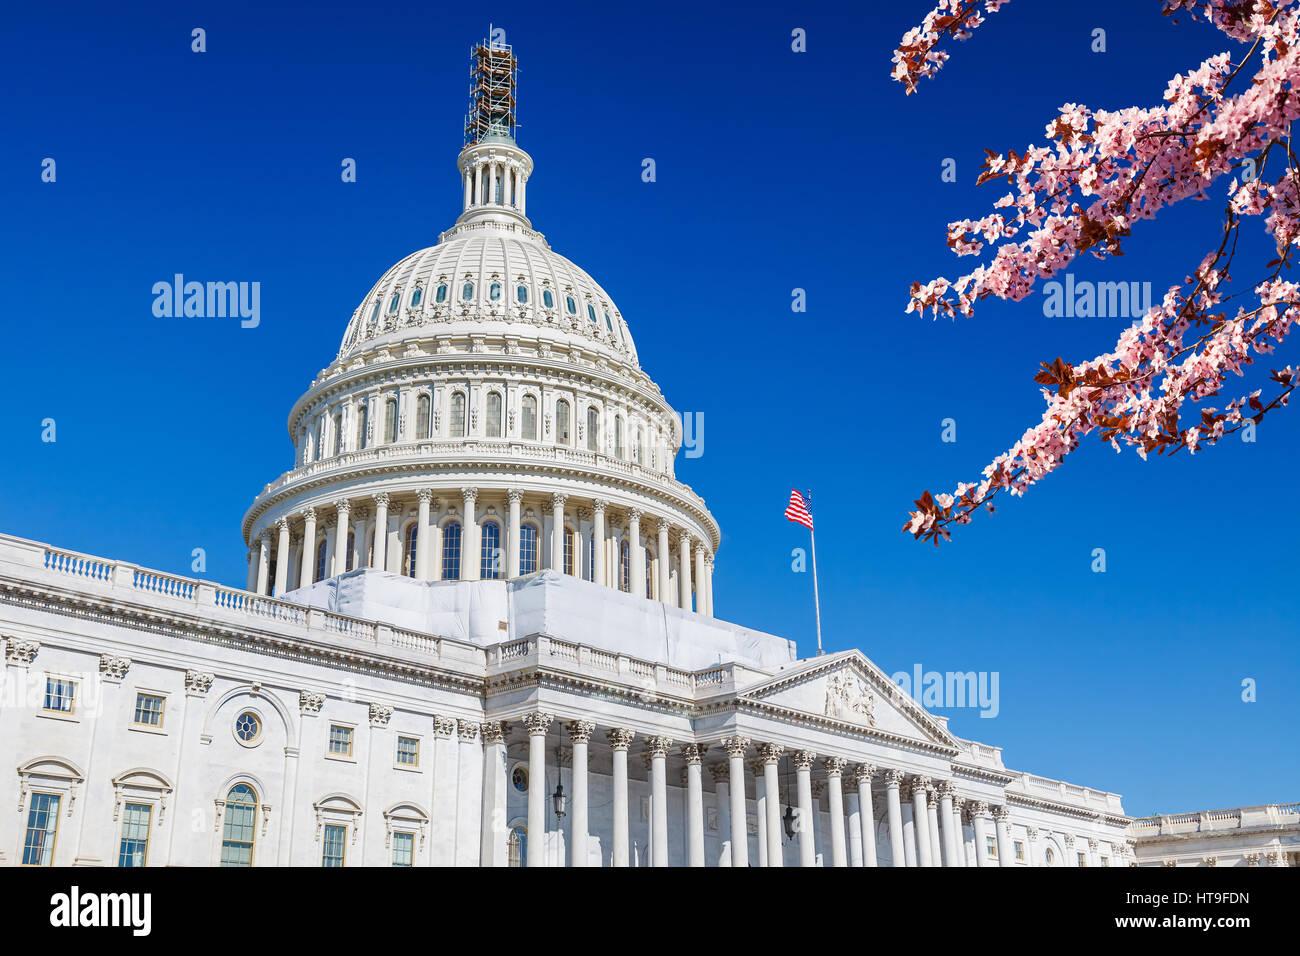 Capitole plus de ciel bleu avec blooming cherry on foreground Banque D'Images